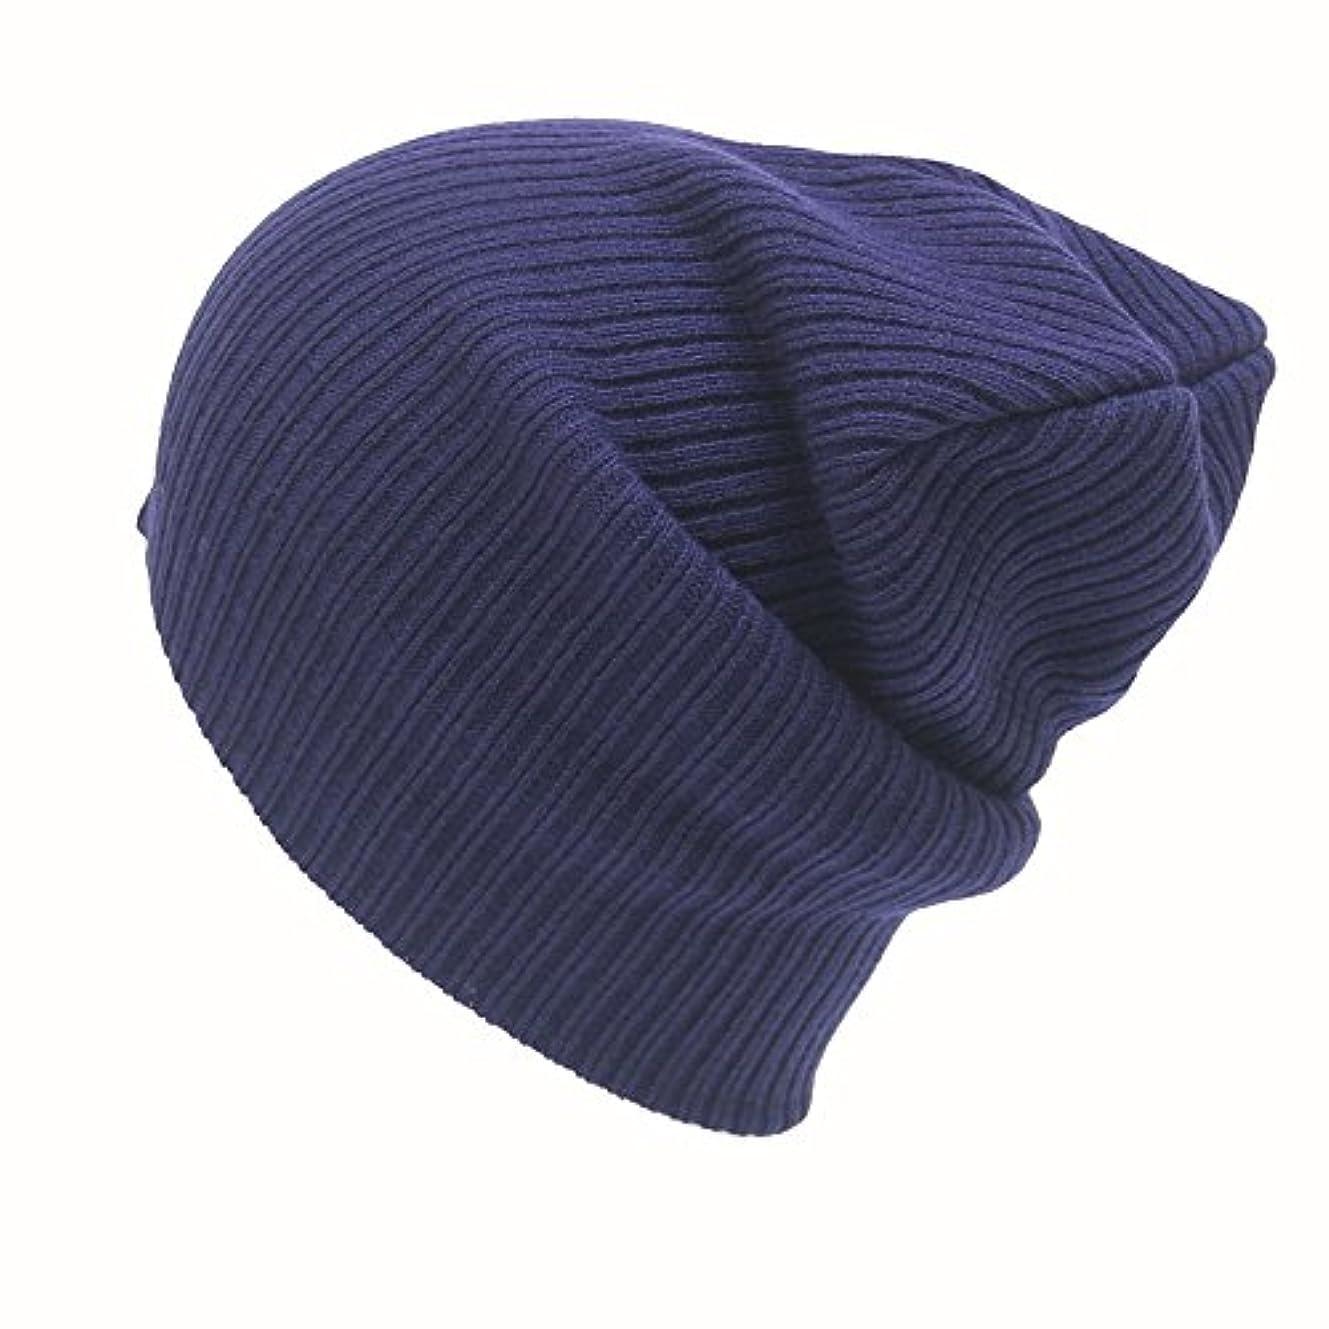 モンクストレスキャリッジRacazing 選べる7色 ニット帽 編み物 ストライプ ニット帽 防寒対策 通気性のある 防風 暖かい 軽量 屋外 スキー 自転車 クリスマス Hat 男女兼用 (ネービー)